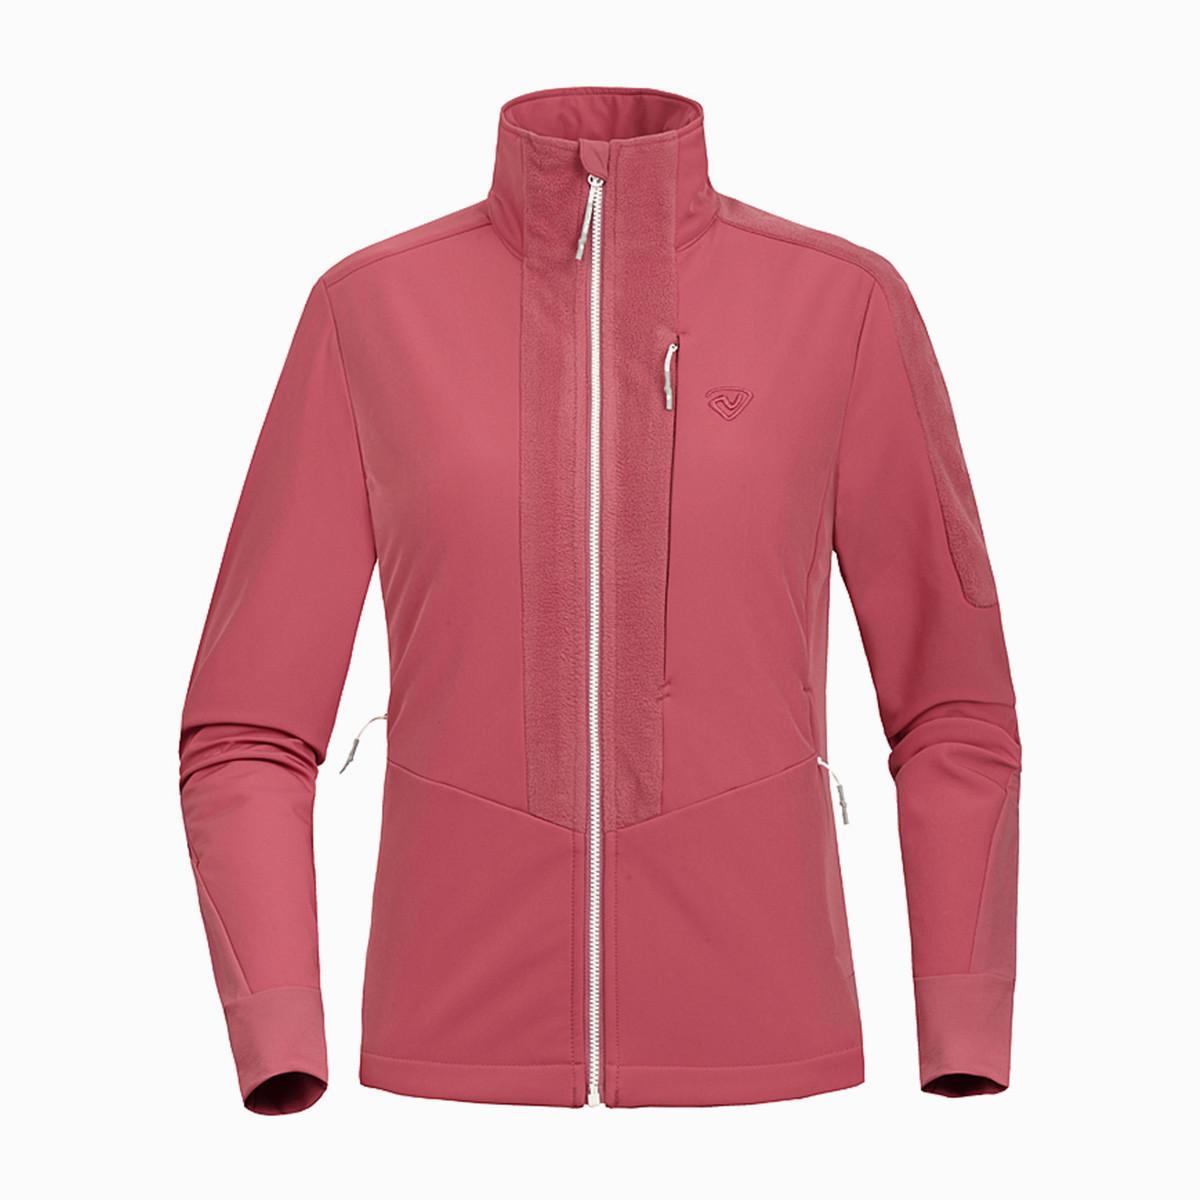 诺诗兰女式软壳衣 高透气 防风防水抓绒加厚保暖摇粒绒可做内胆GF062524沙红色